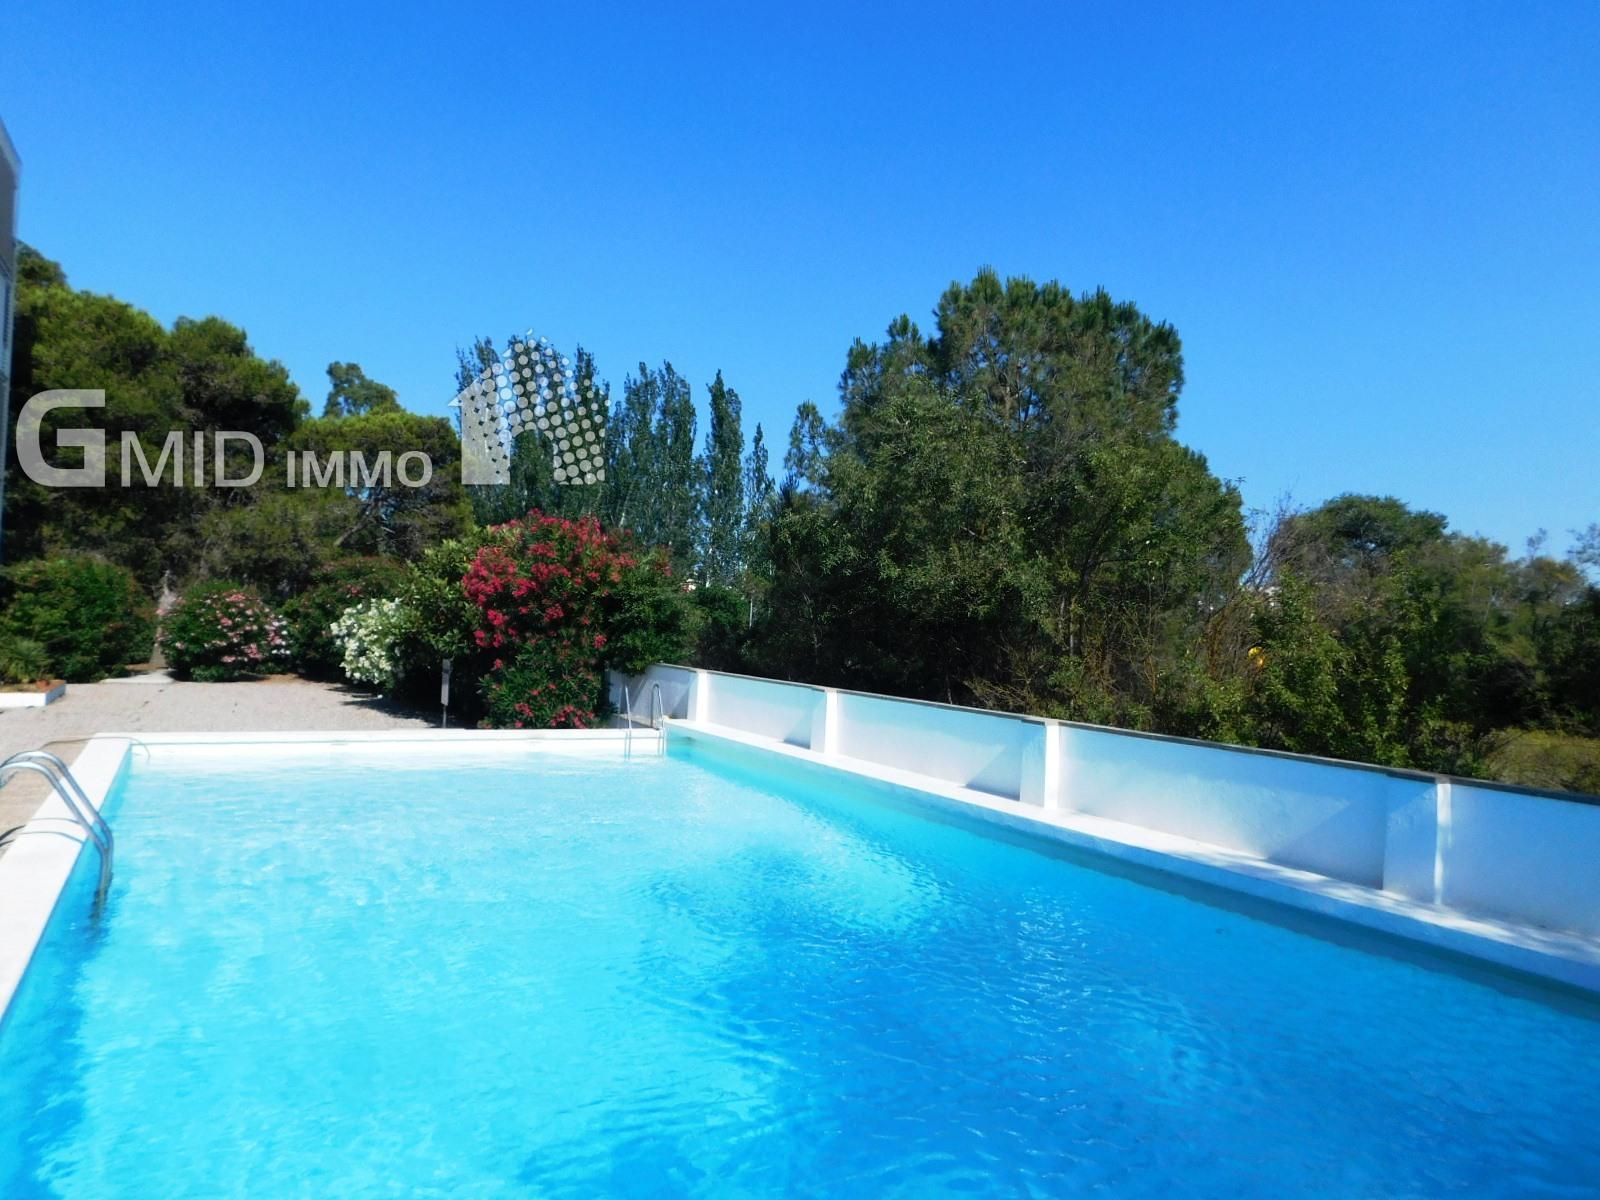 Apartamento de 3 dormitorios totalmente reformado, piscina comunitaria a 400 m de la playa Salatar, Roses